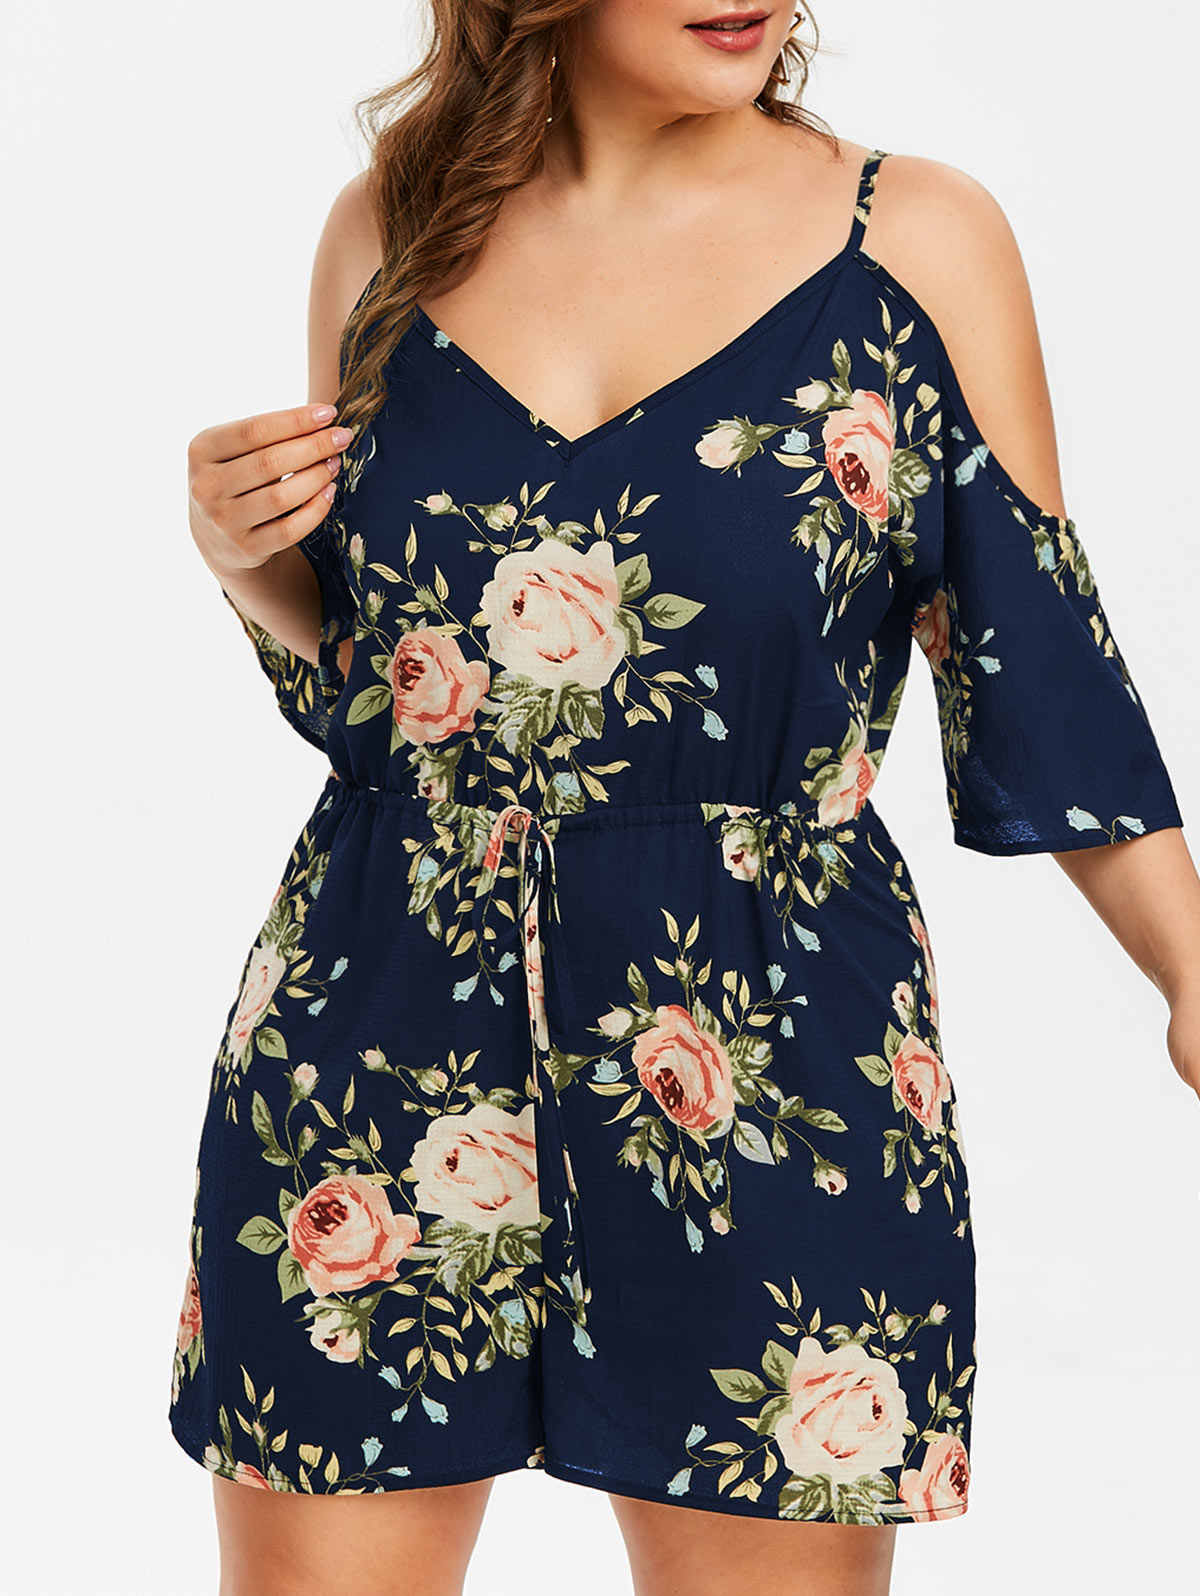 ROSEGAL Plus Größe Frauen Blumen Overalls Blume Cami Strampler Beiläufige Streetwear Sexy Hohe Wasit Frauen Sommer Playsuits 2019